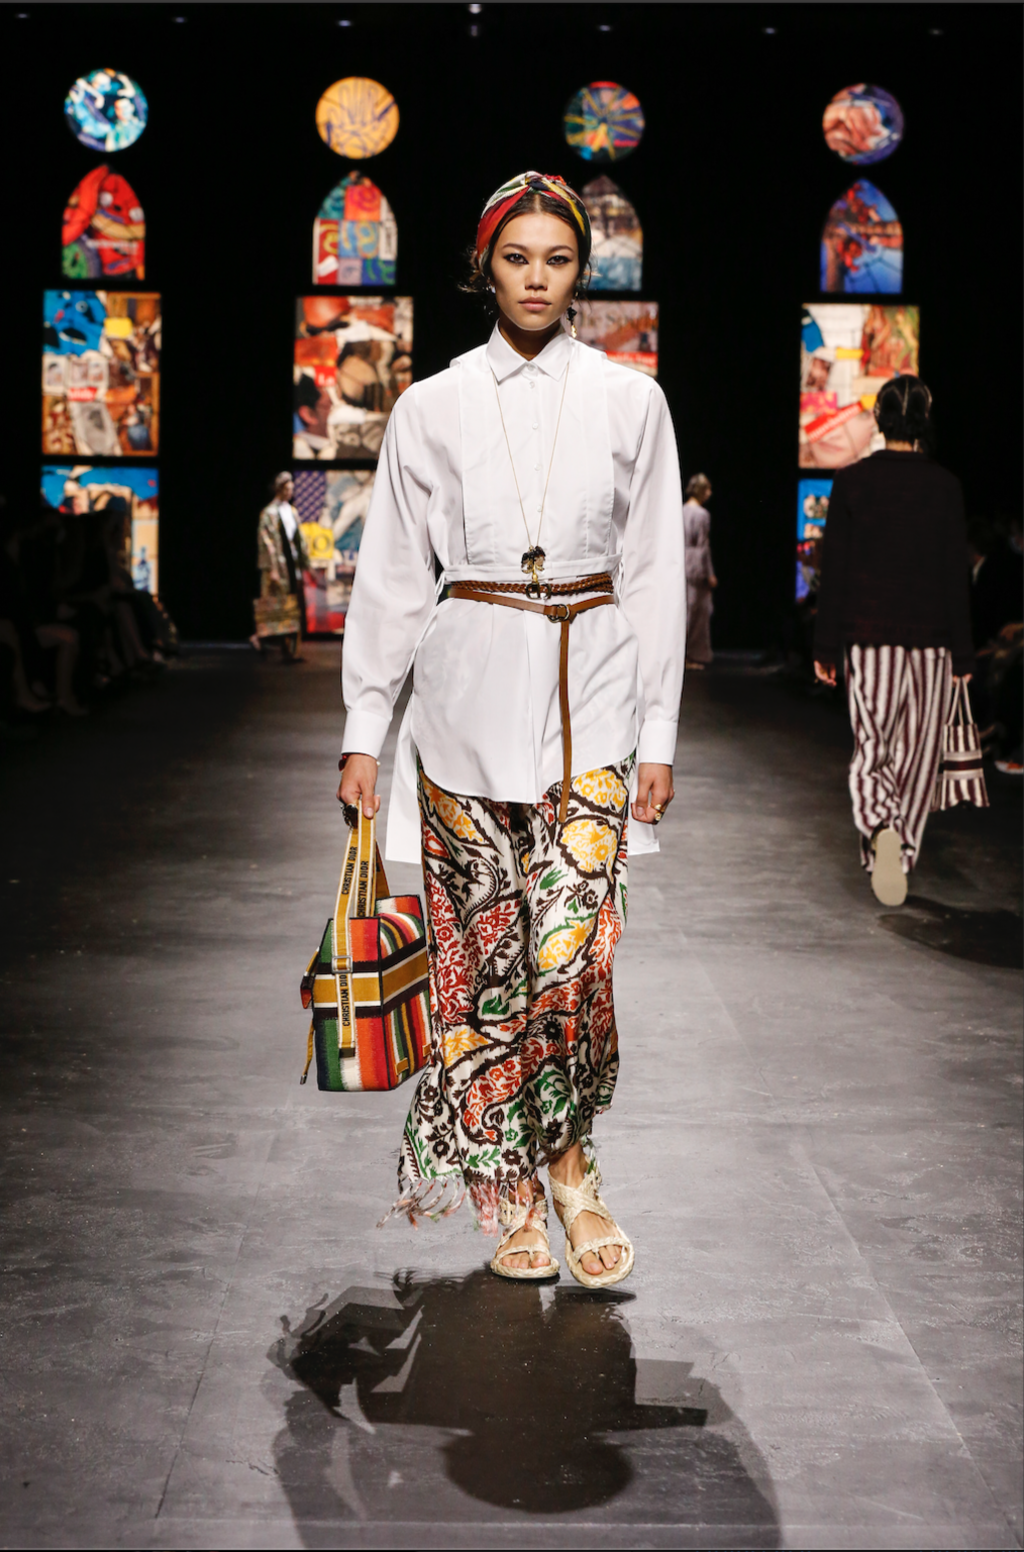 Pièce forte du défilé de prêt-à-porter printemps-été 2021 de Dior : la chemise blanche portée en tunique par-dessus un pantalon ou un short, ou encore en robe.